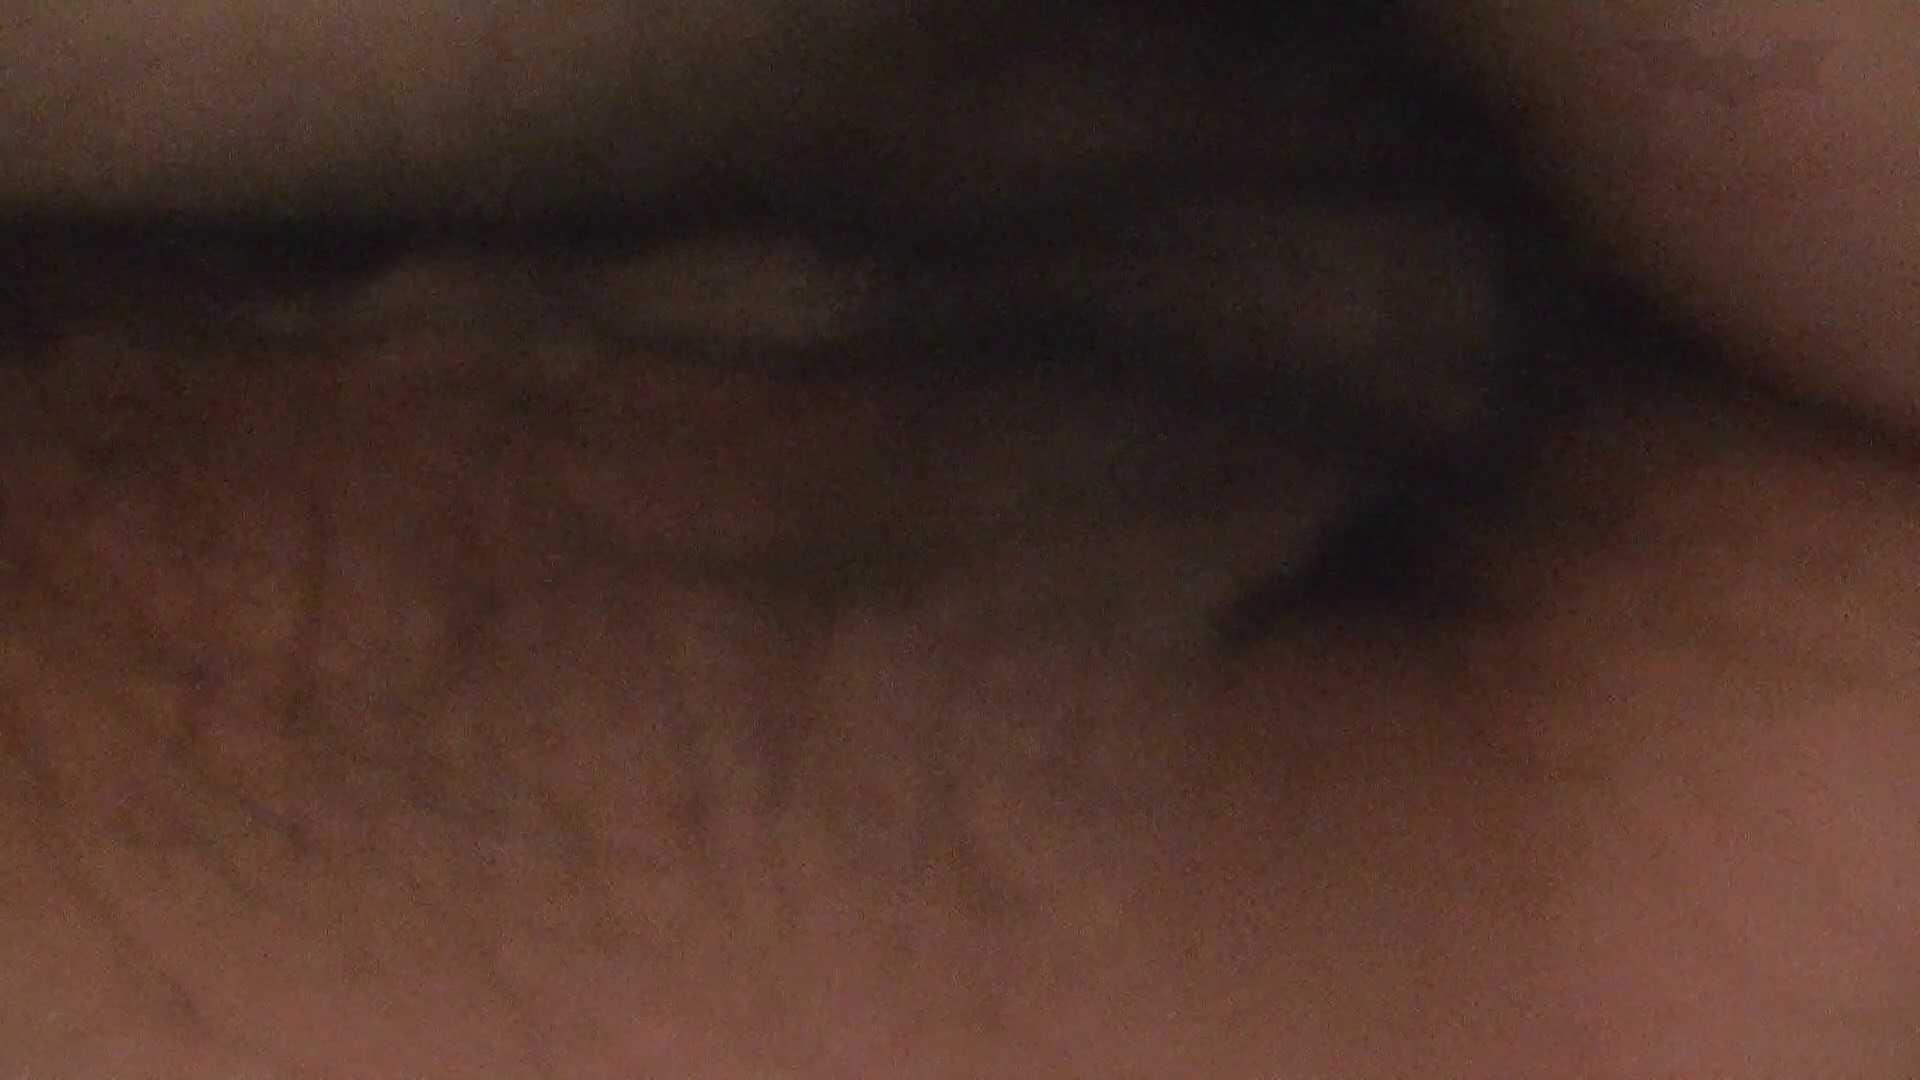 ハイビジョン 忍 対 セリカ 丸見えマンコ   むっちり  81画像 36